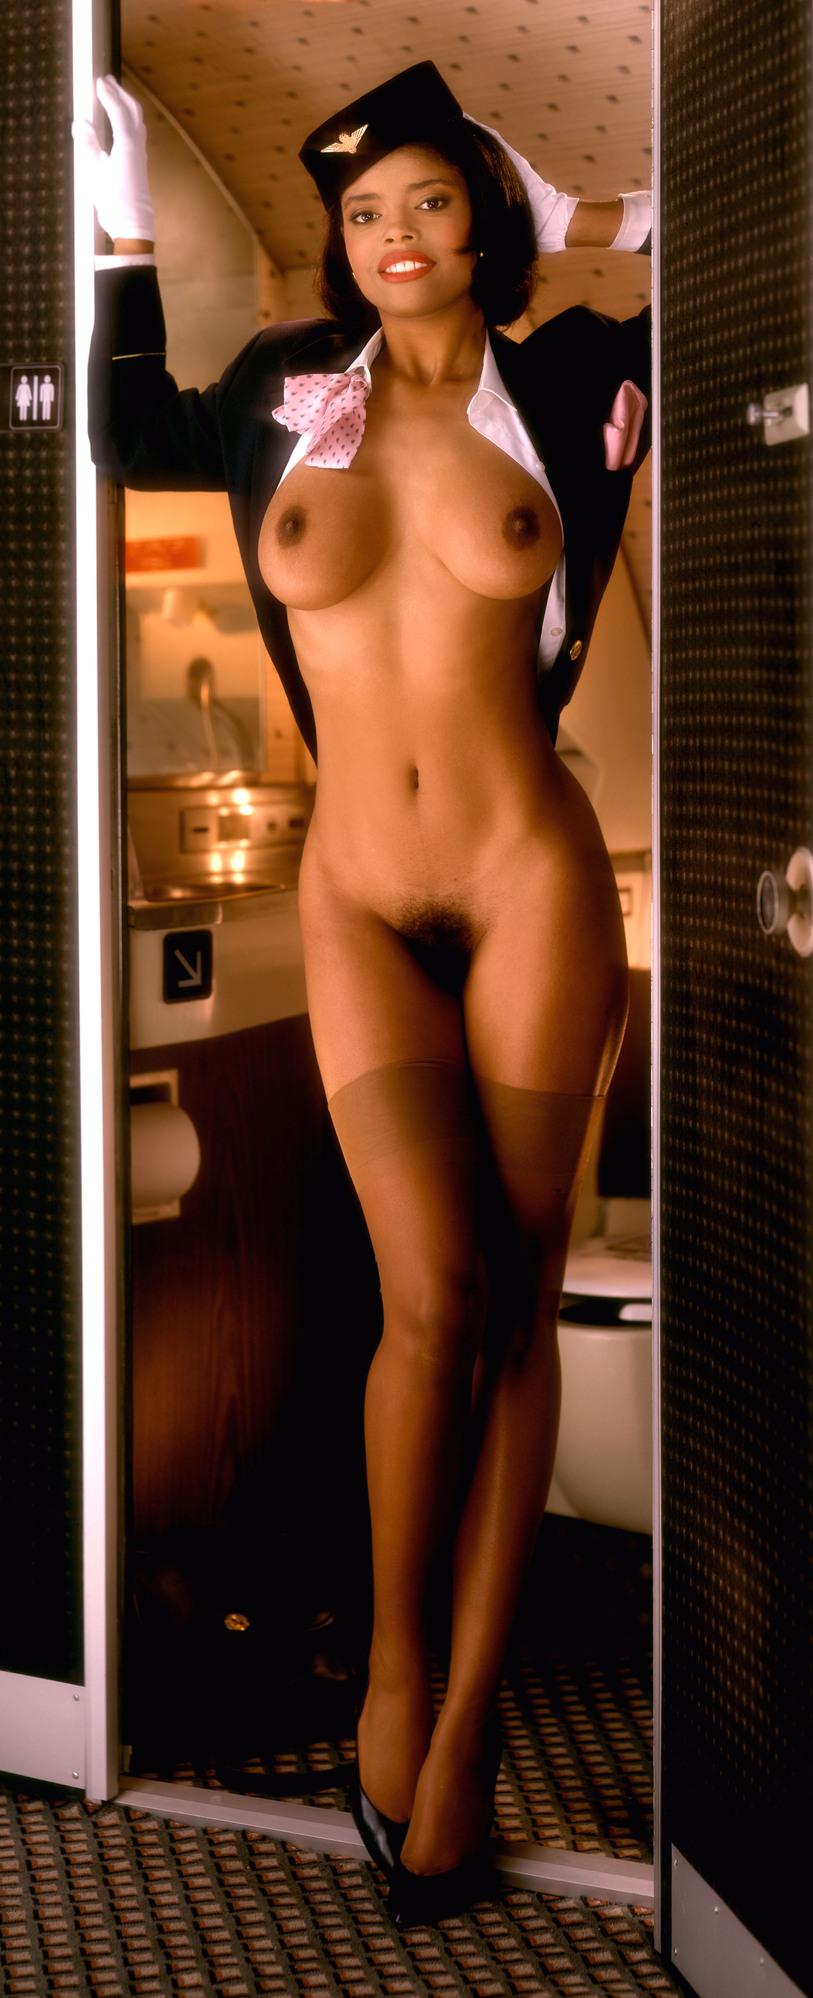 Фото мисс грудь голая 13 фотография